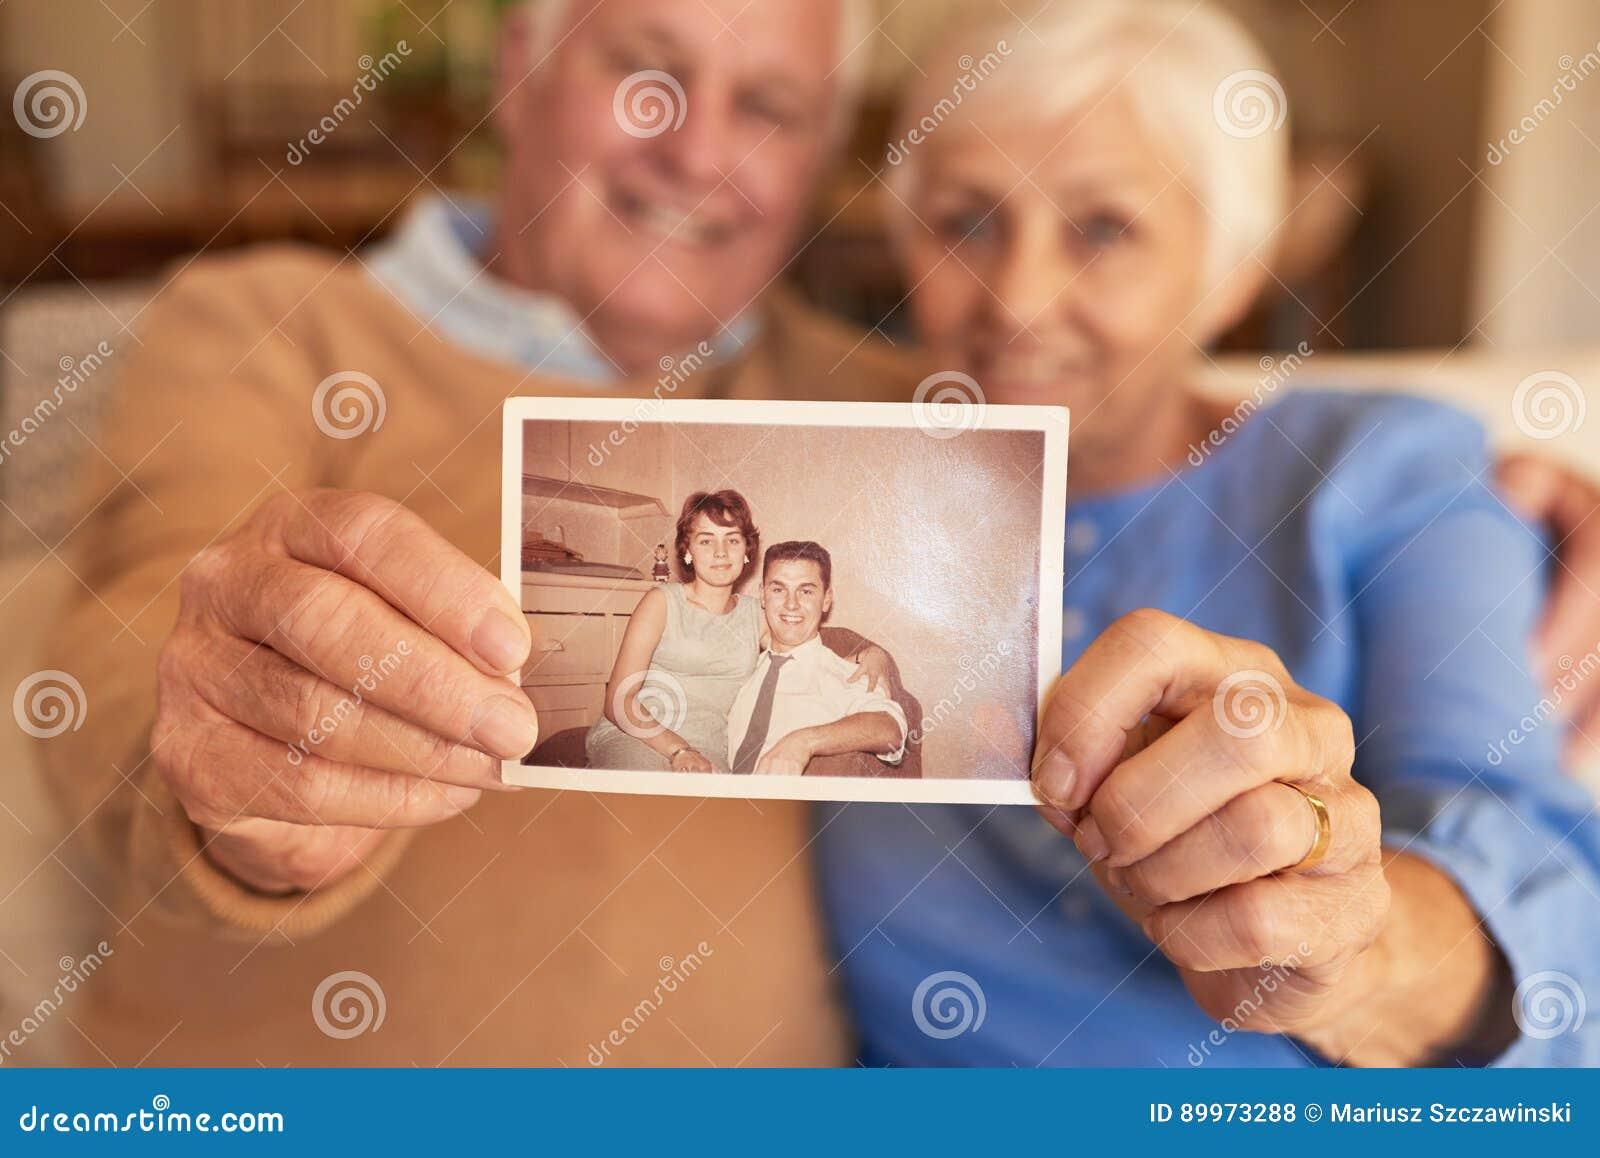 Руки старших пар держа их моложавое фото дома